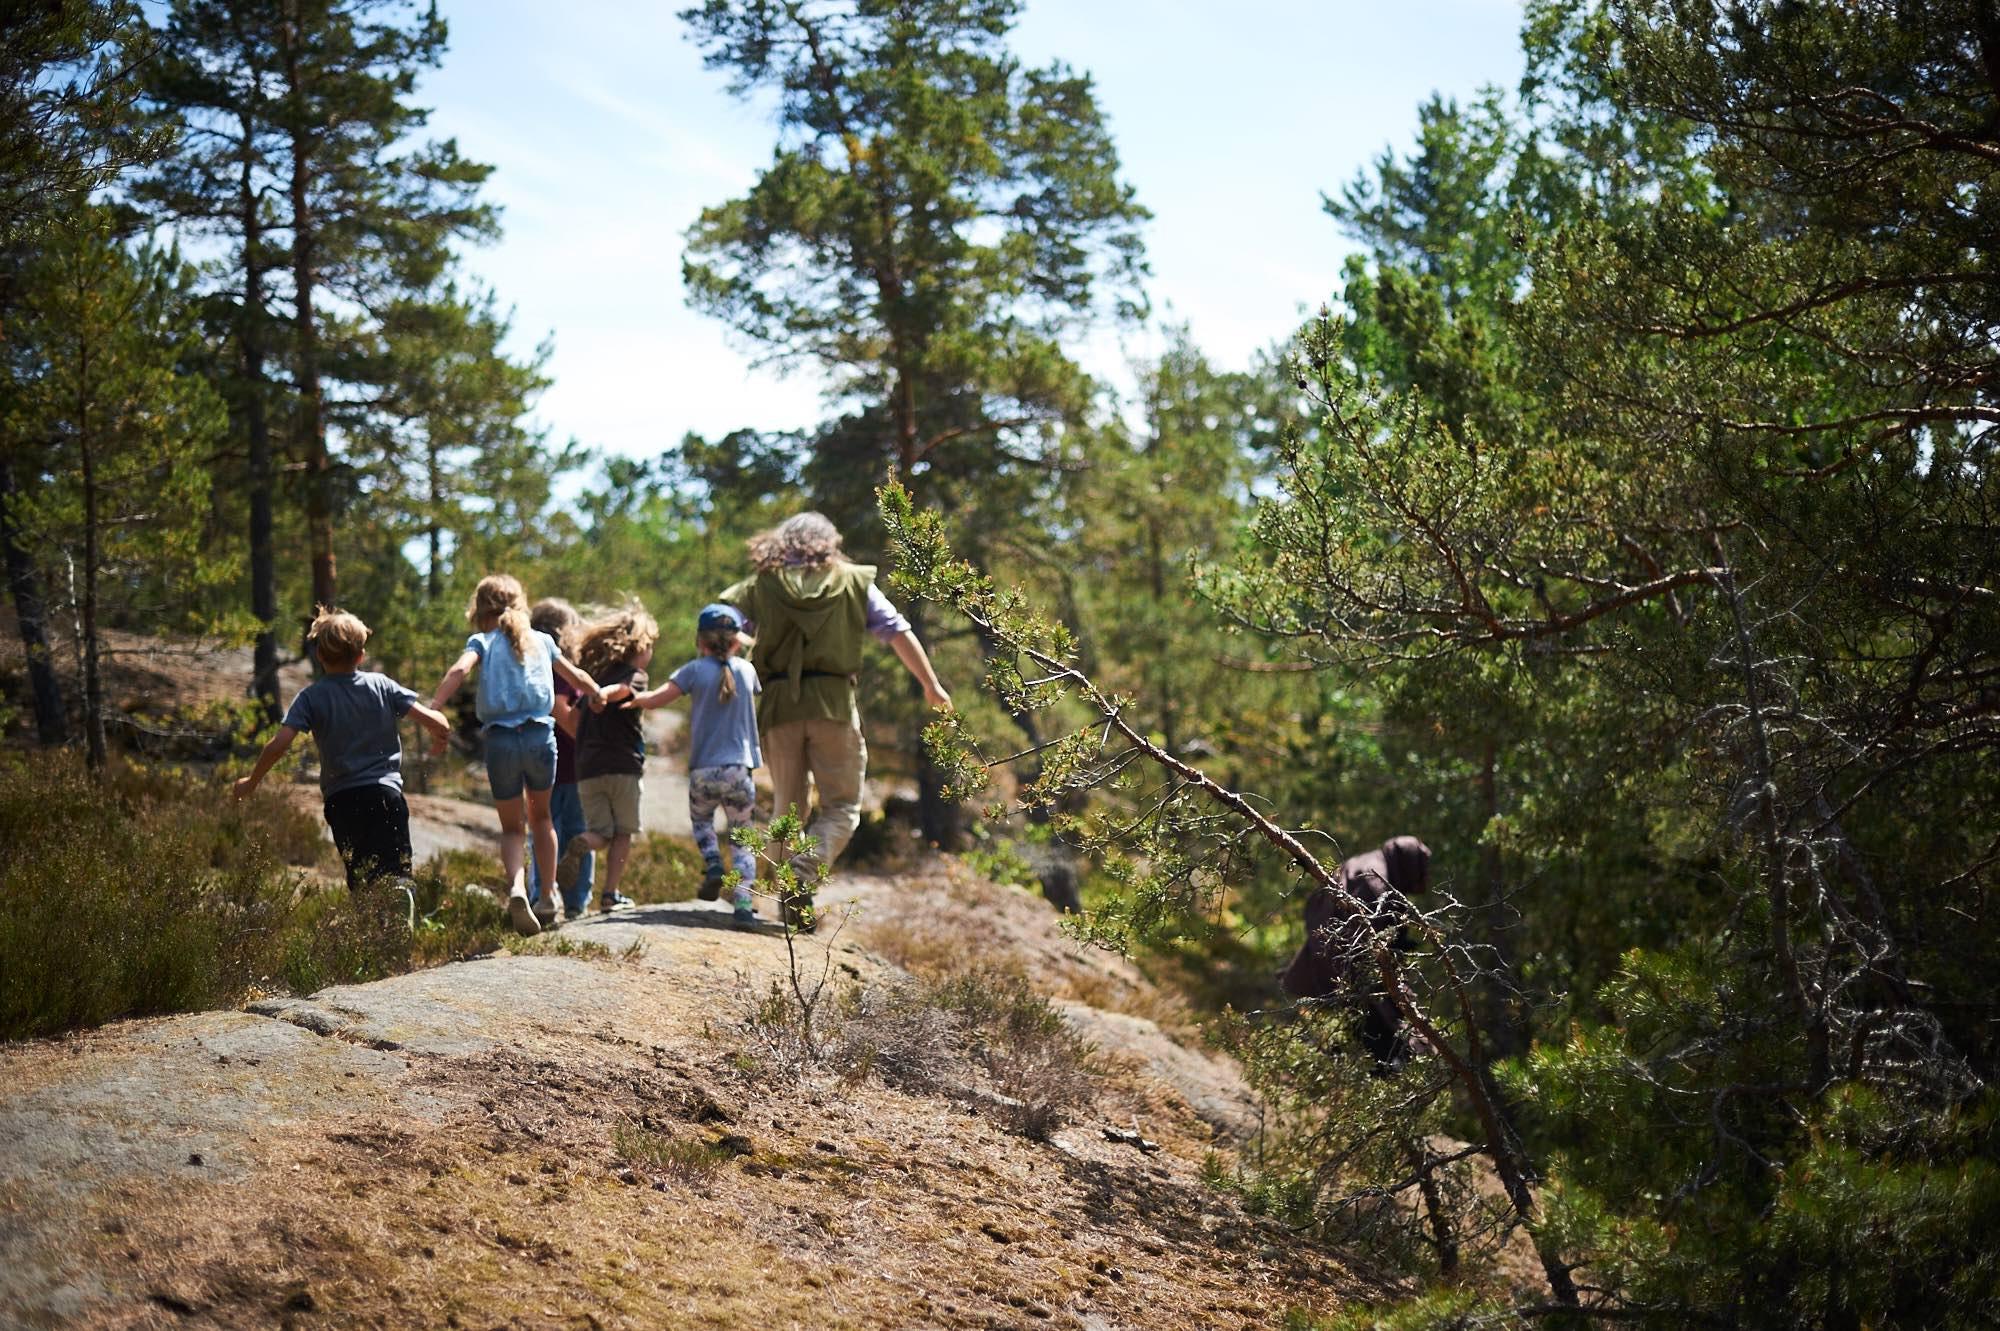 skogslek-lekdag-ingaro-tillitsverket (kopia).jpg